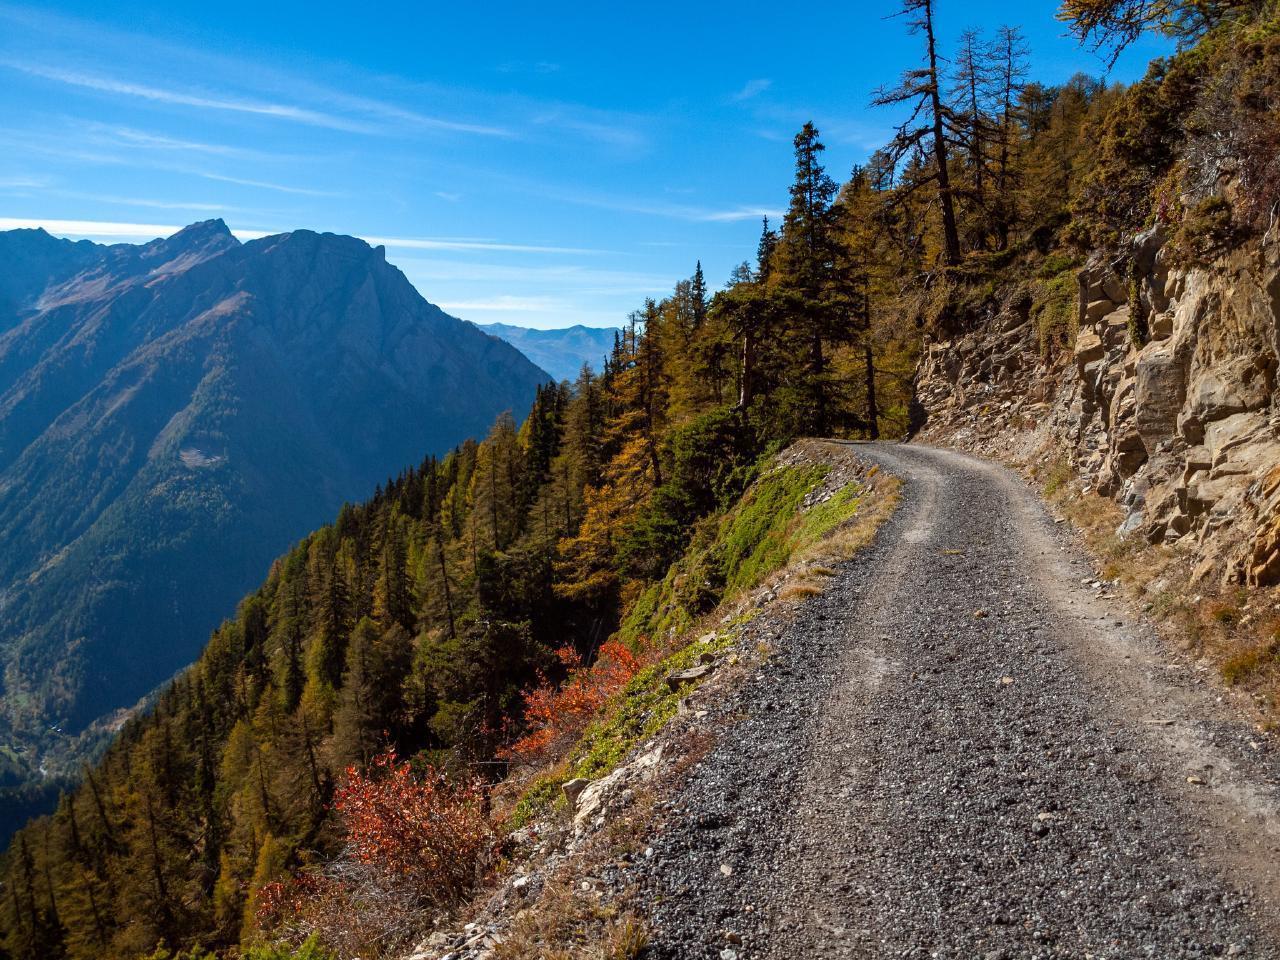 Ferienwohnung Chalet Bergfink | Ferienwohnung in den Walliser Bergen auf Rosswald (2311758), Rosswald, Brig - Simplon, Wallis, Schweiz, Bild 15